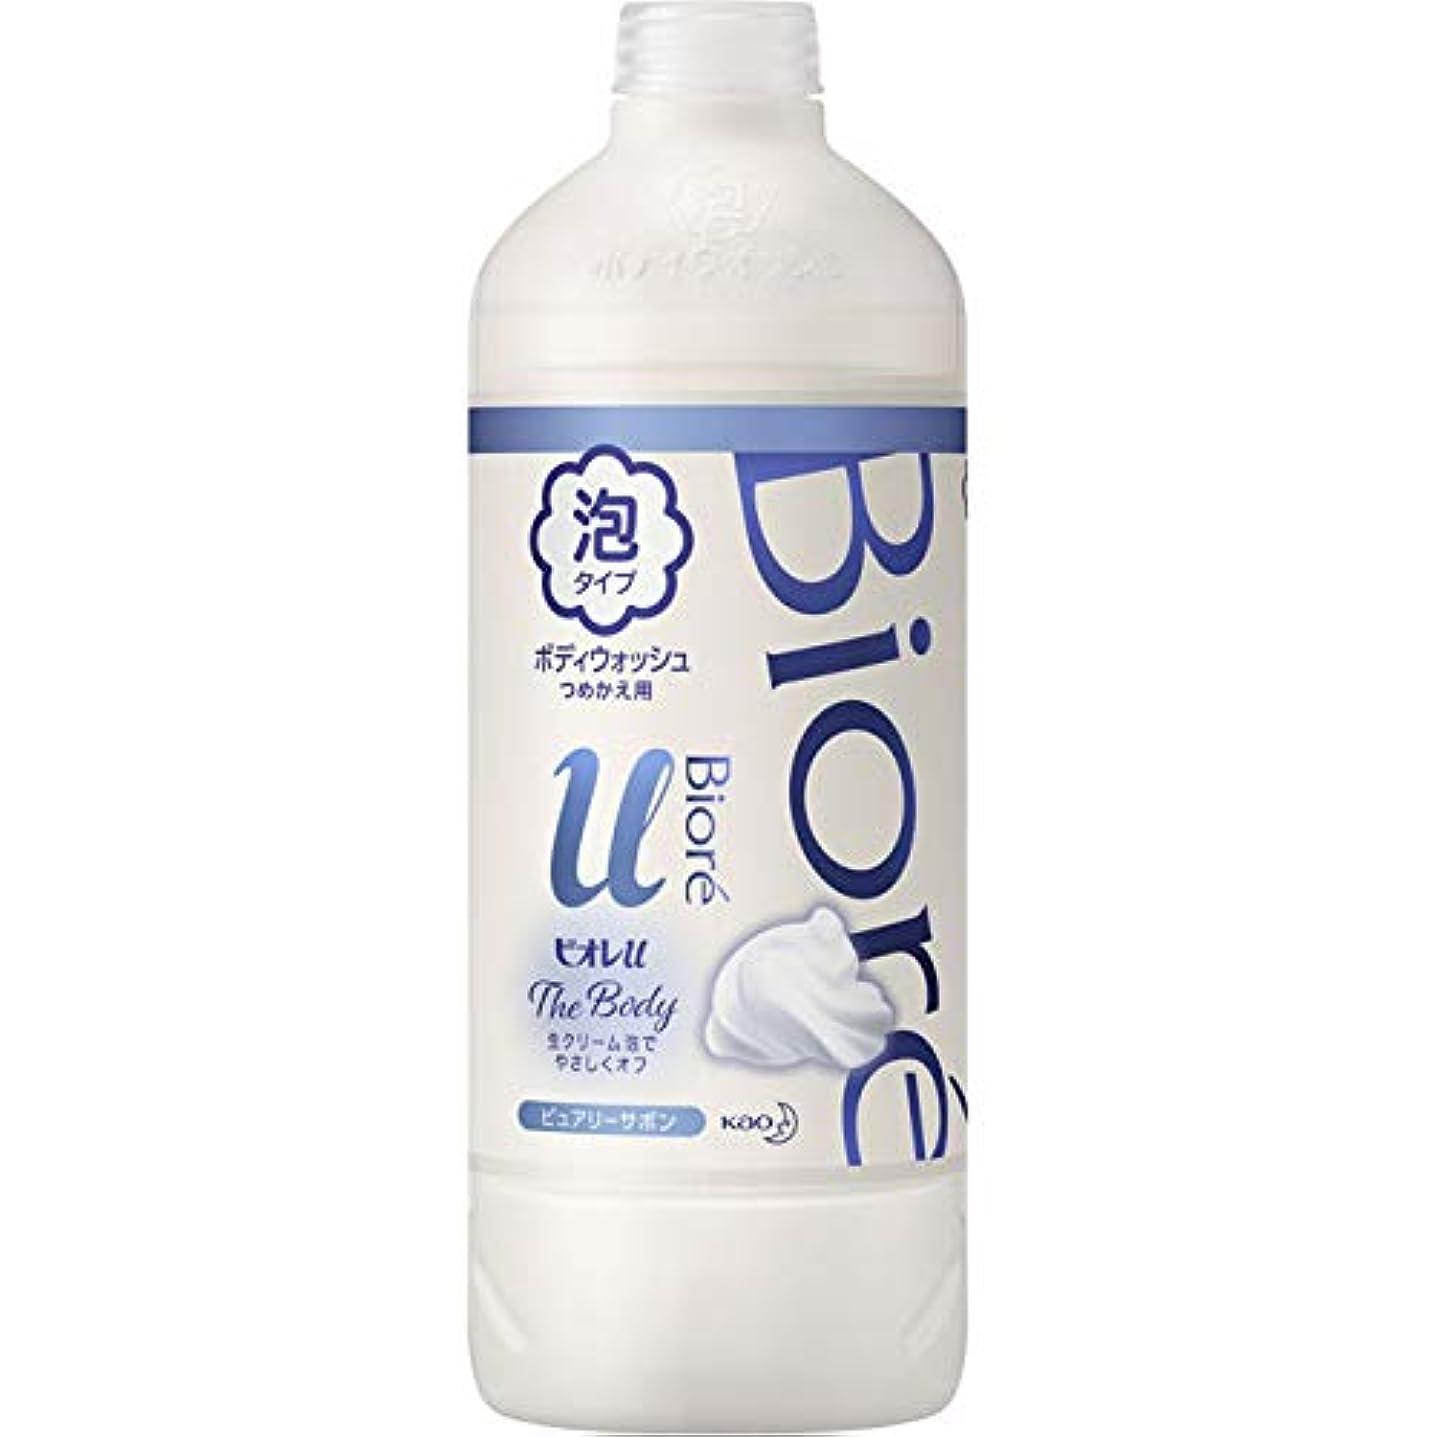 土曜日小麦美しい花王 ビオレu ザ ボディ泡ピュアリーサボンの香り 詰替え用 450ml